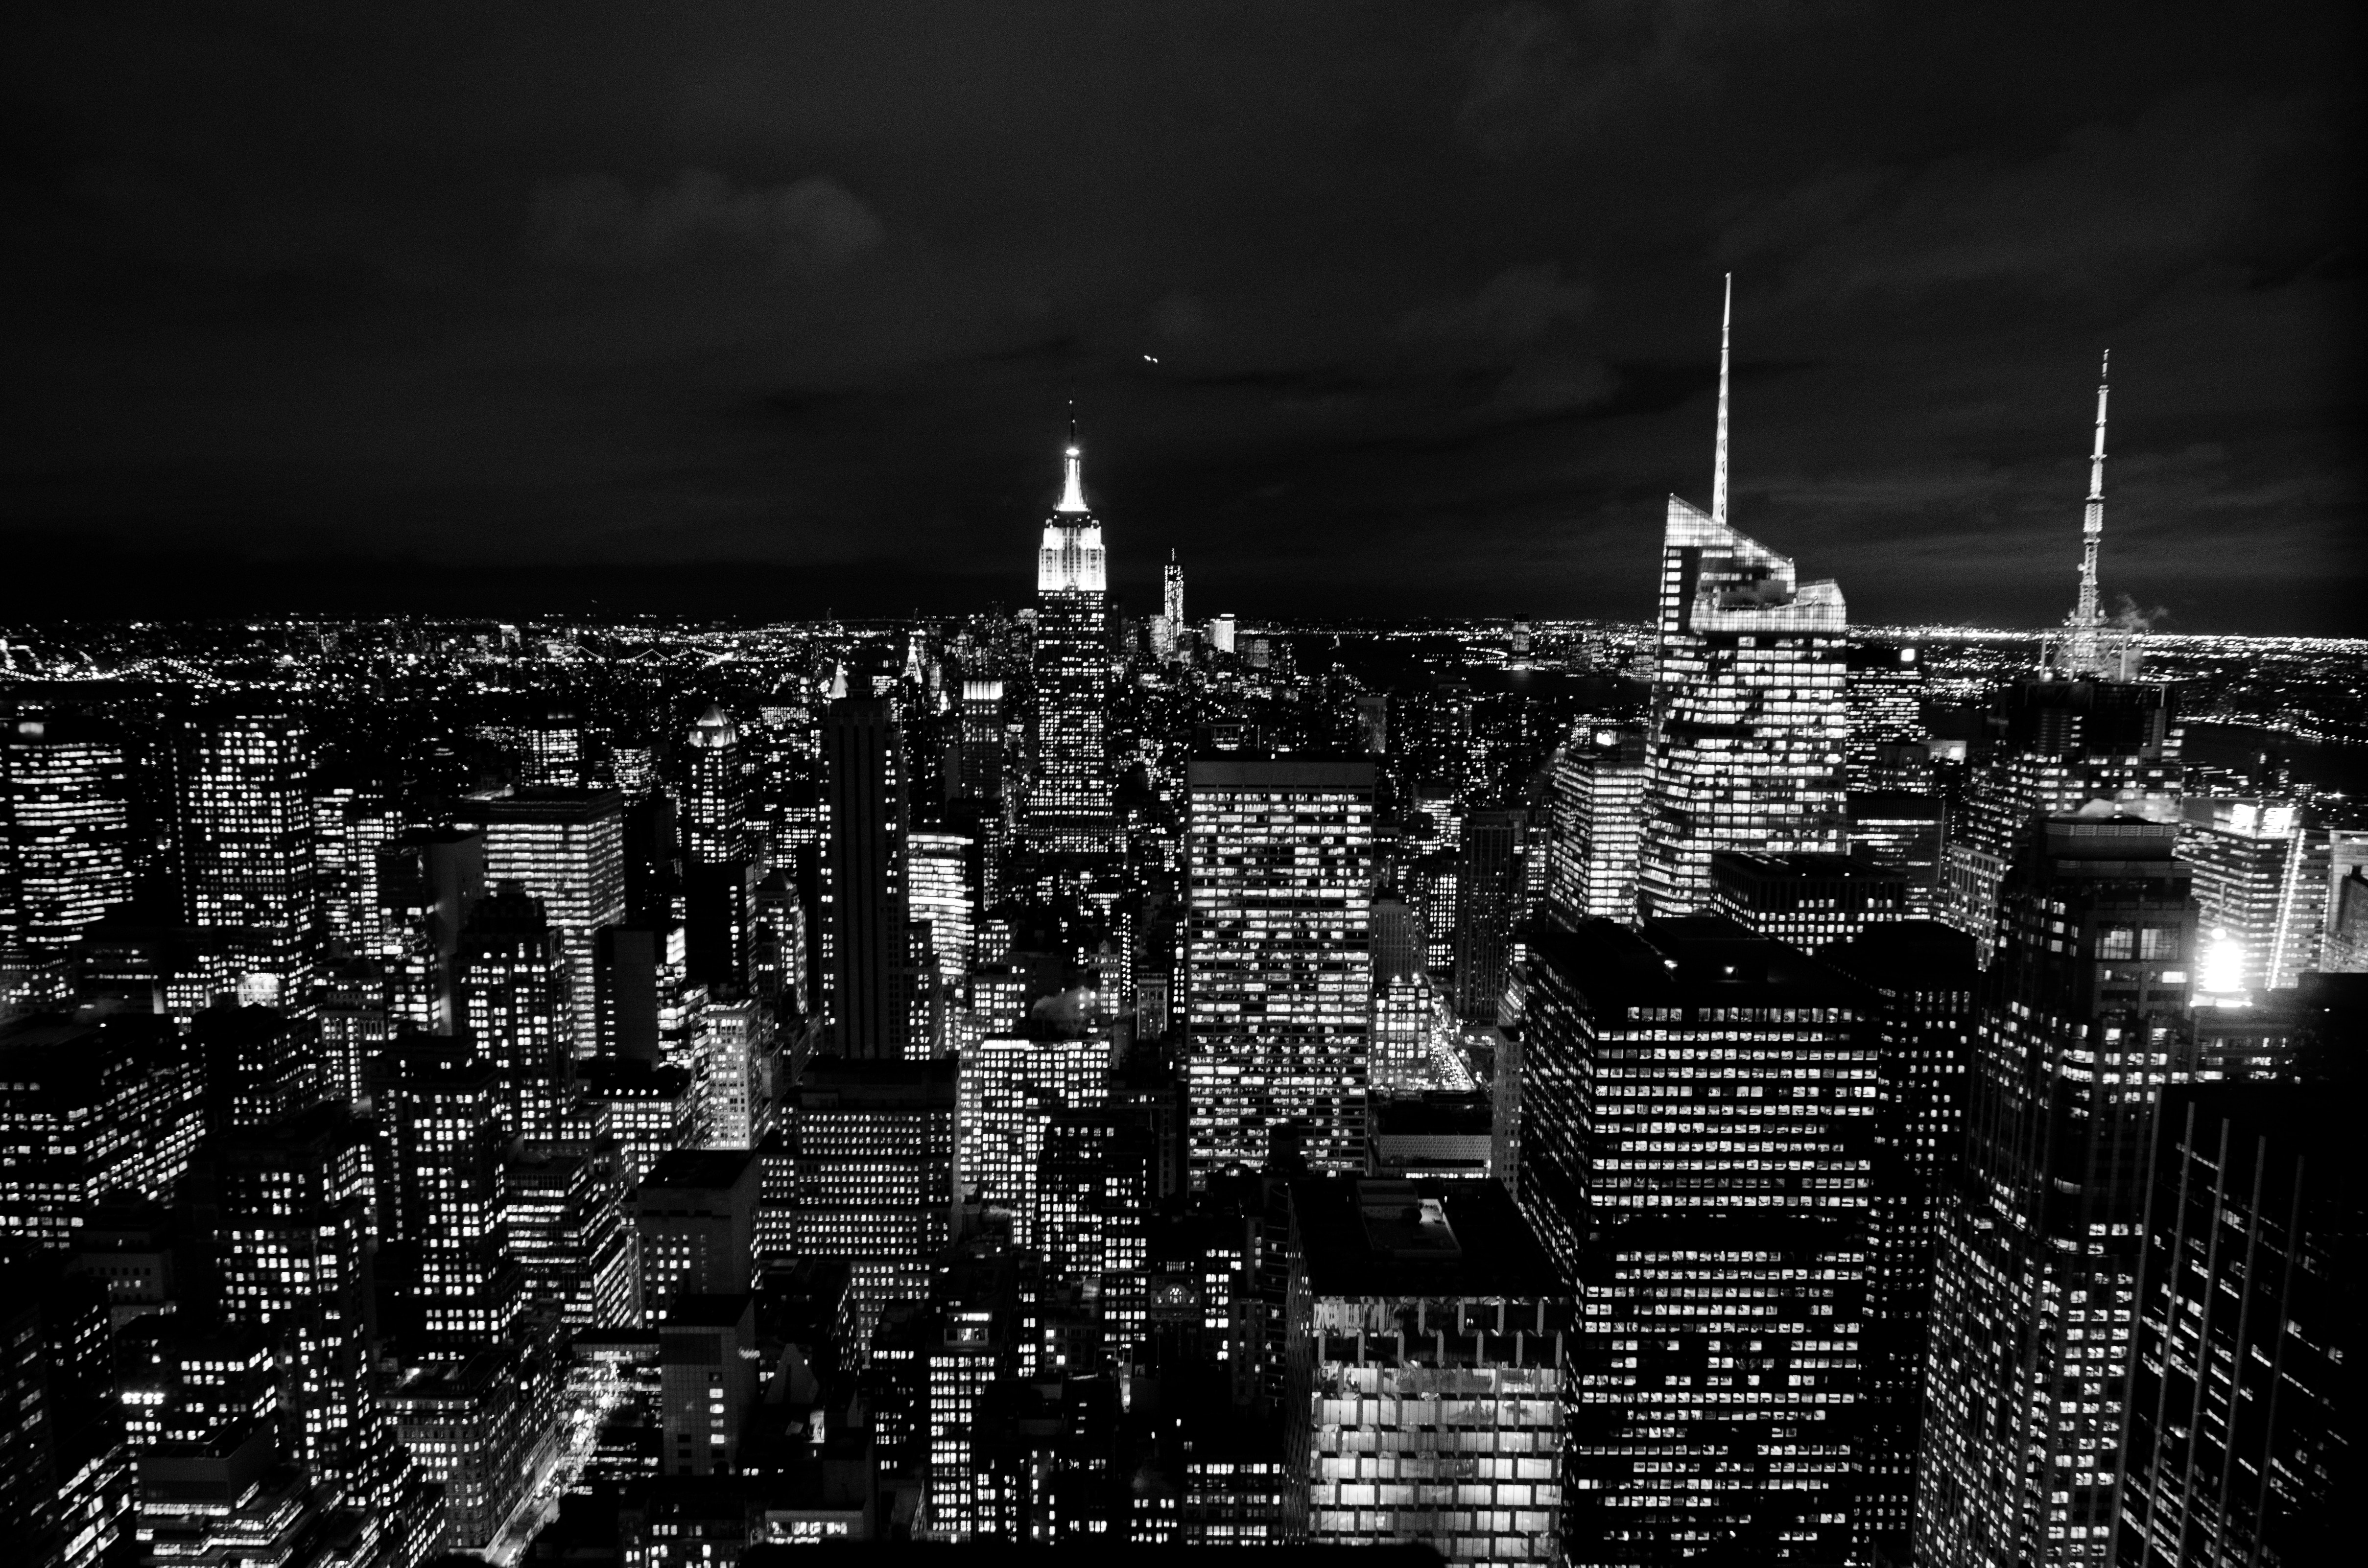 Bộ hình nền đen thành phố